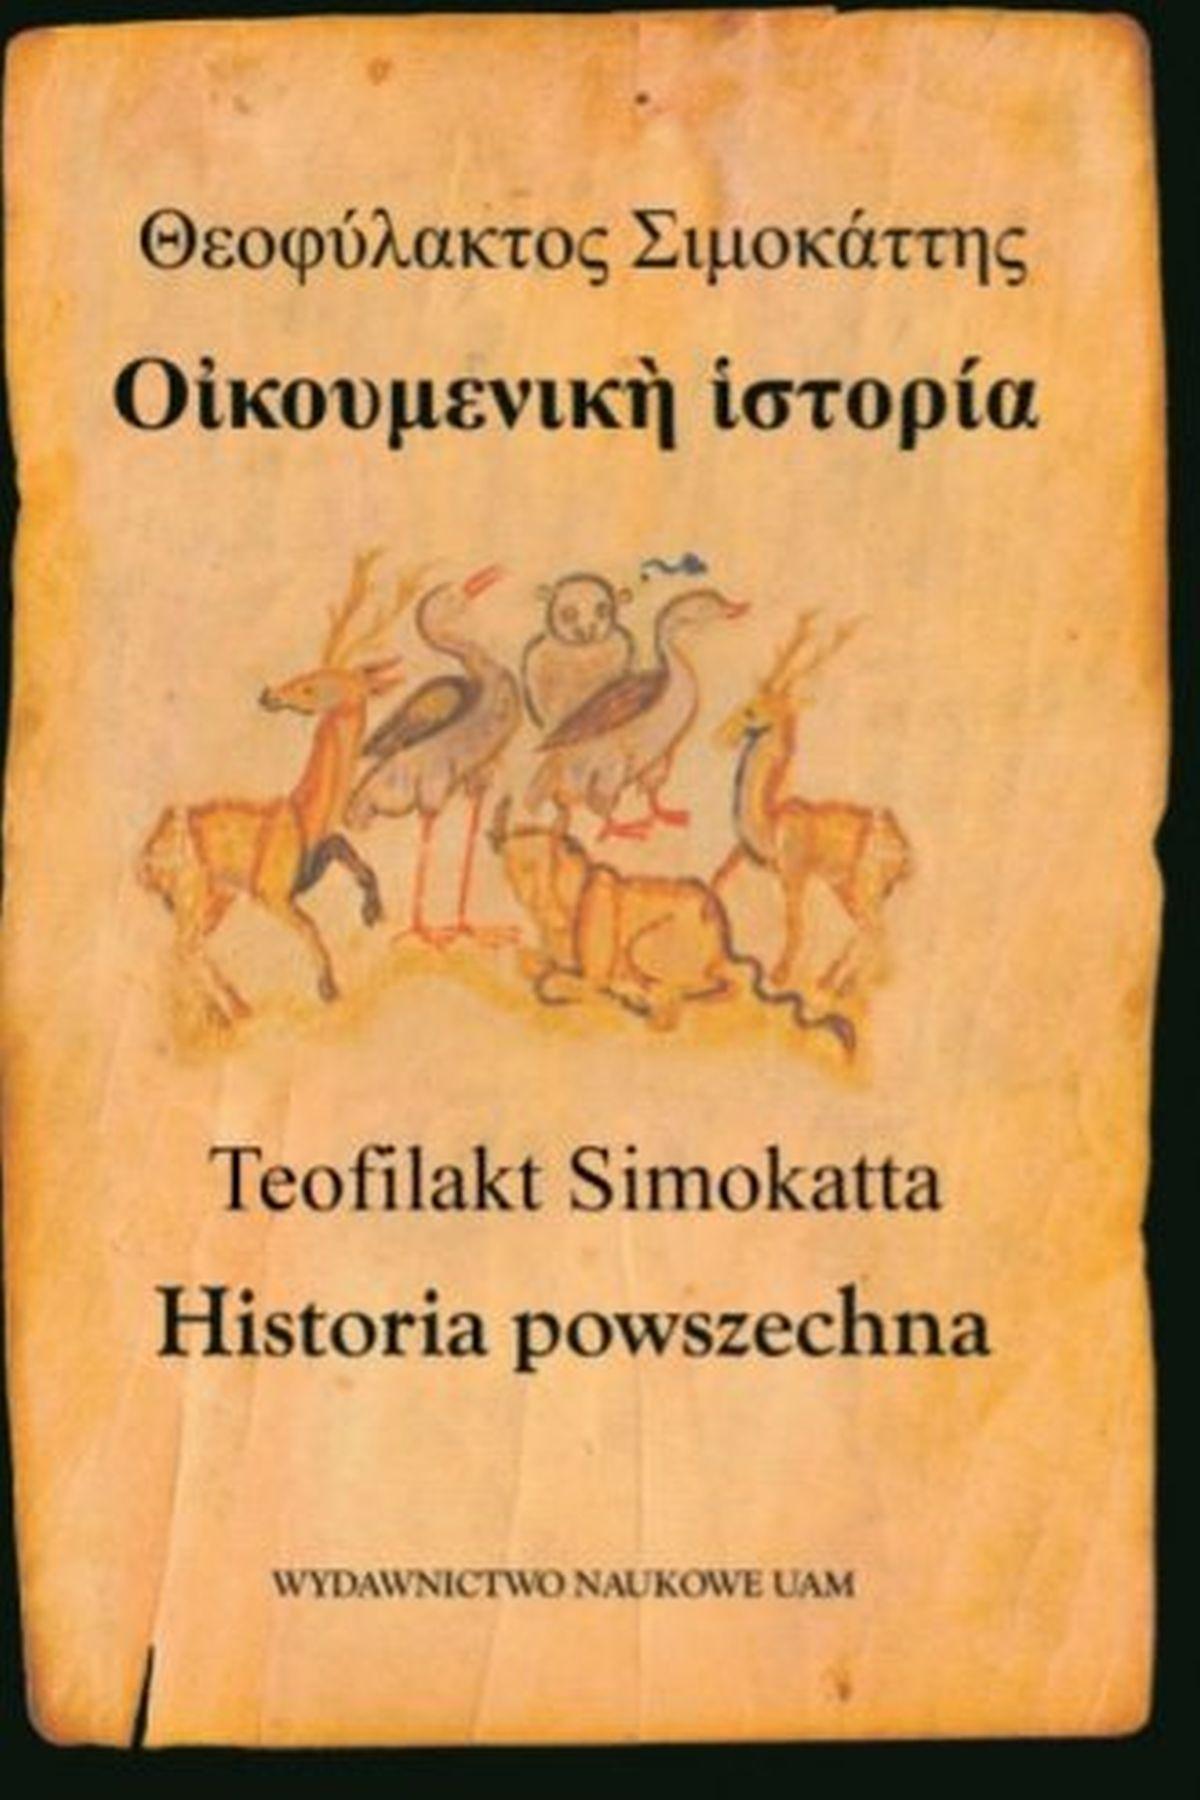 Teofilakt Simokatta. Historia powszechna